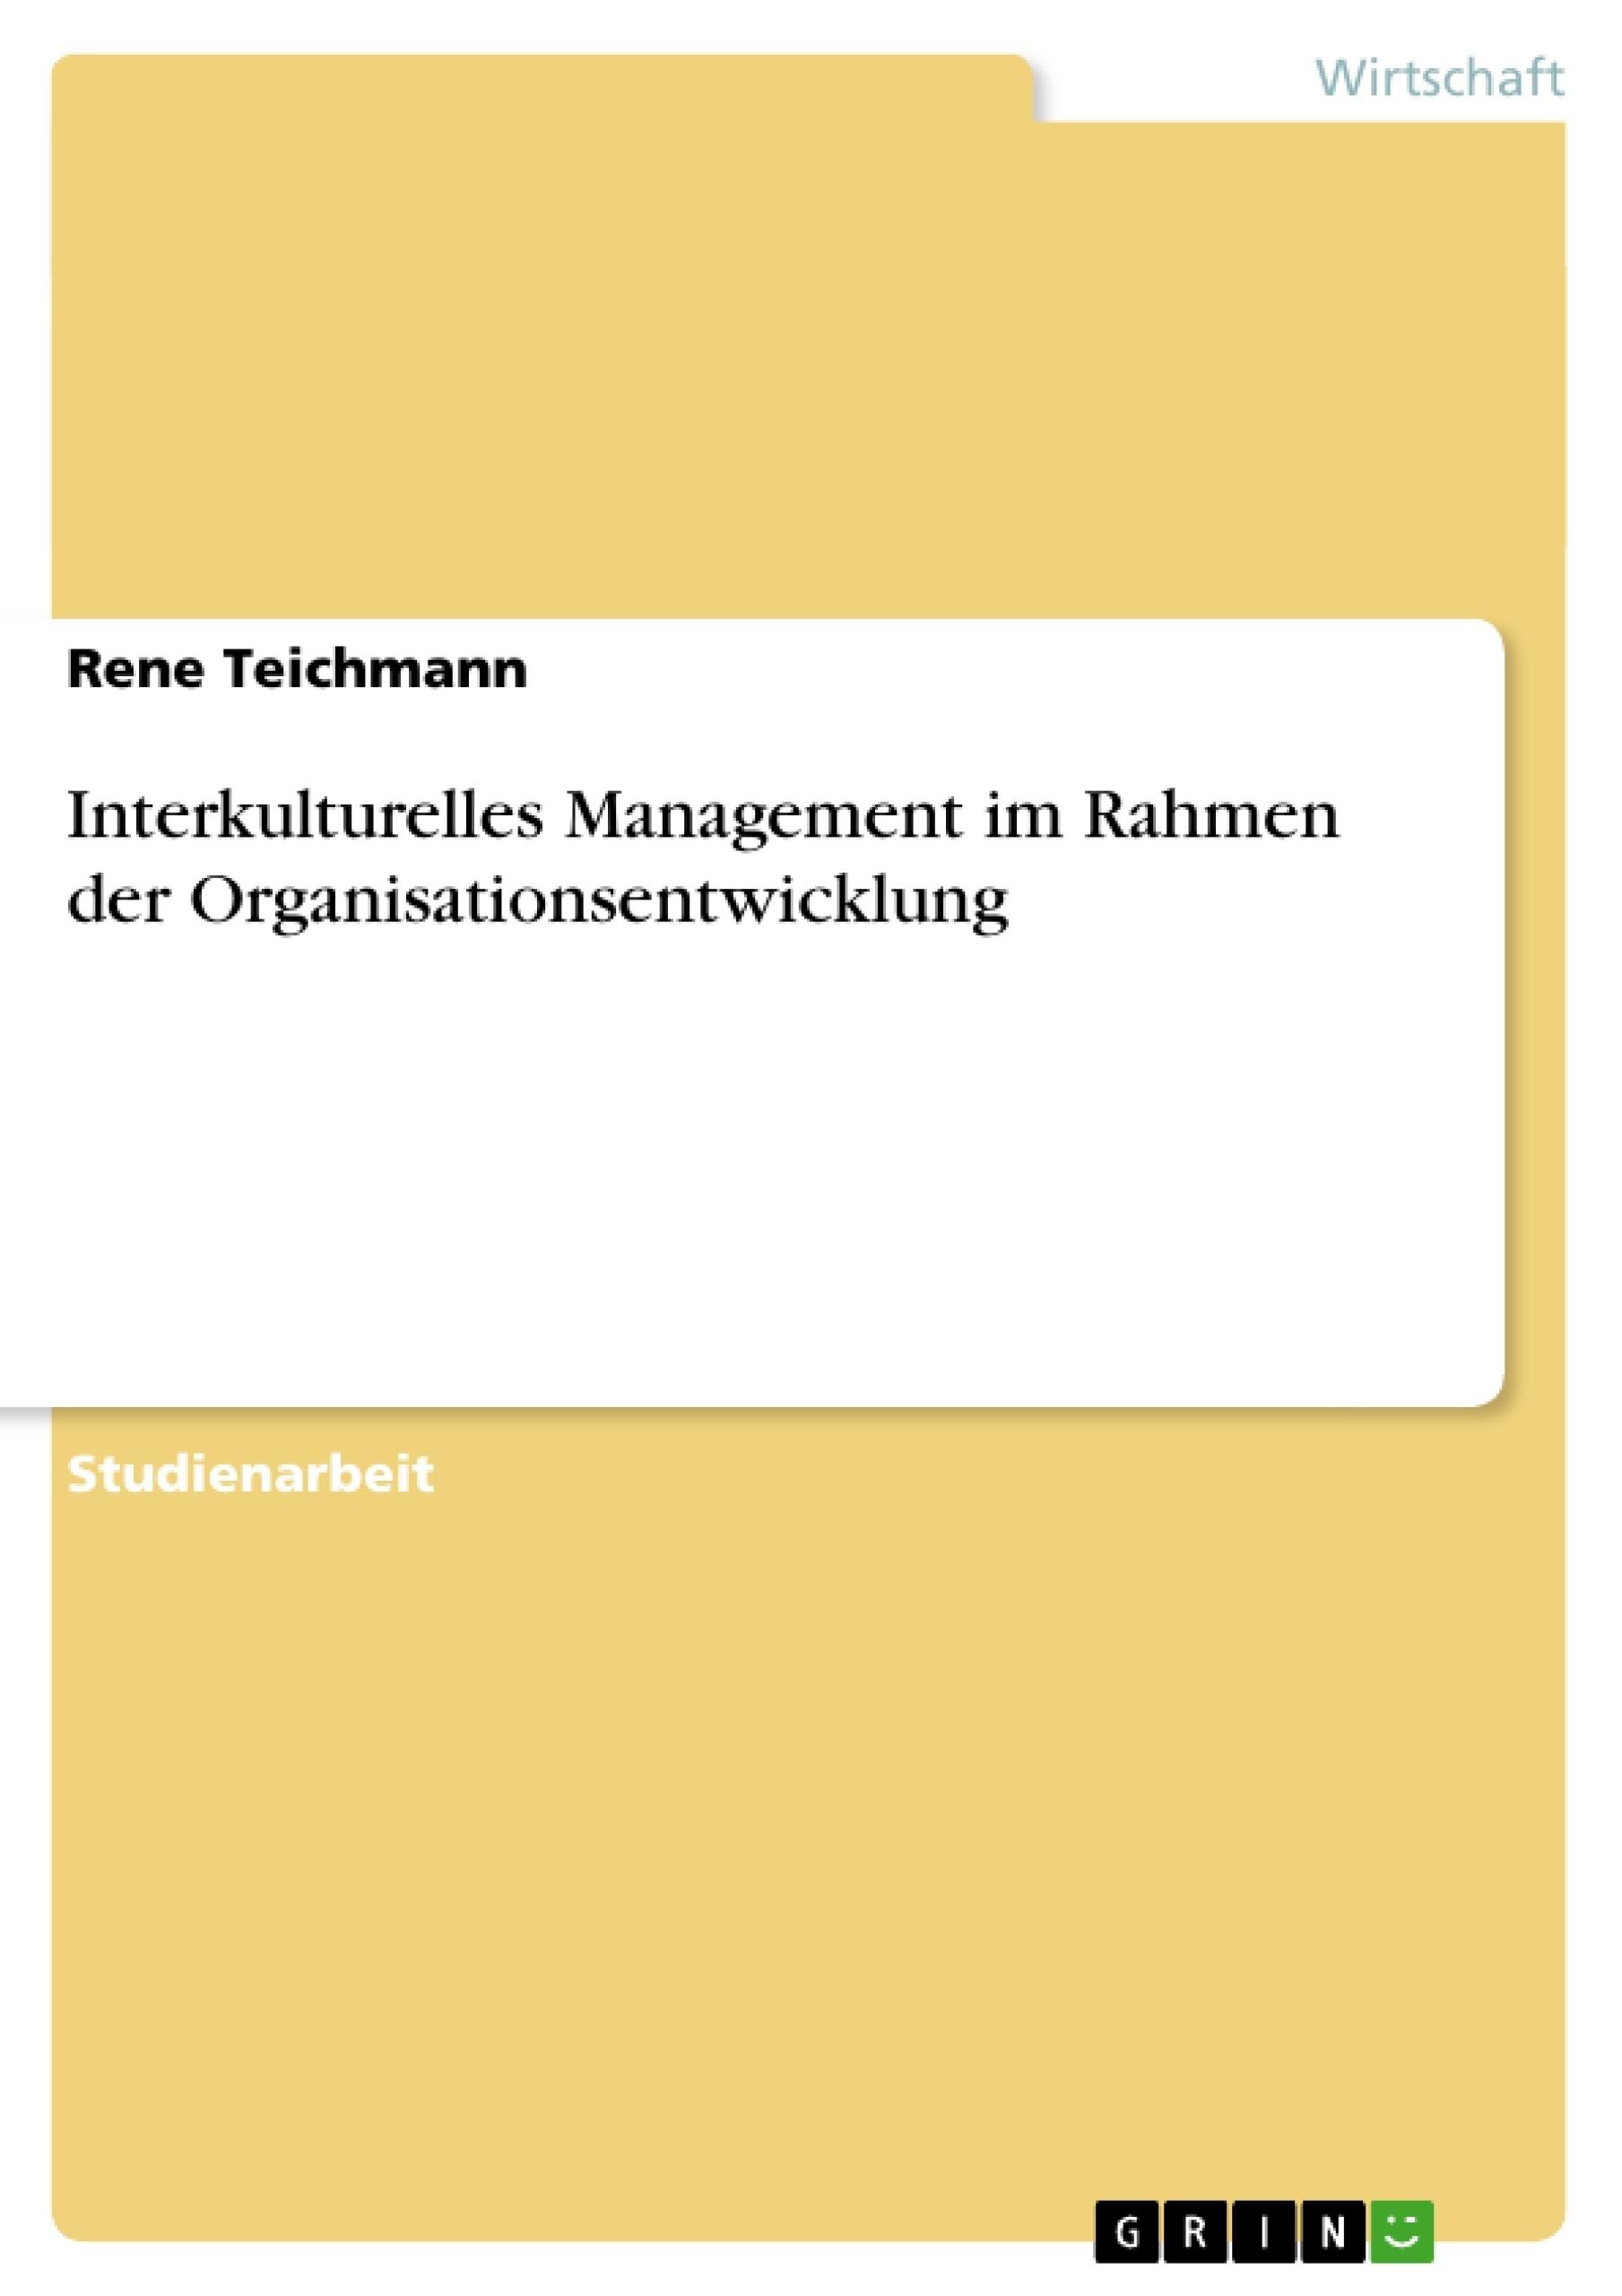 Titel: Interkulturelles Management im Rahmen der Organisationsentwicklung